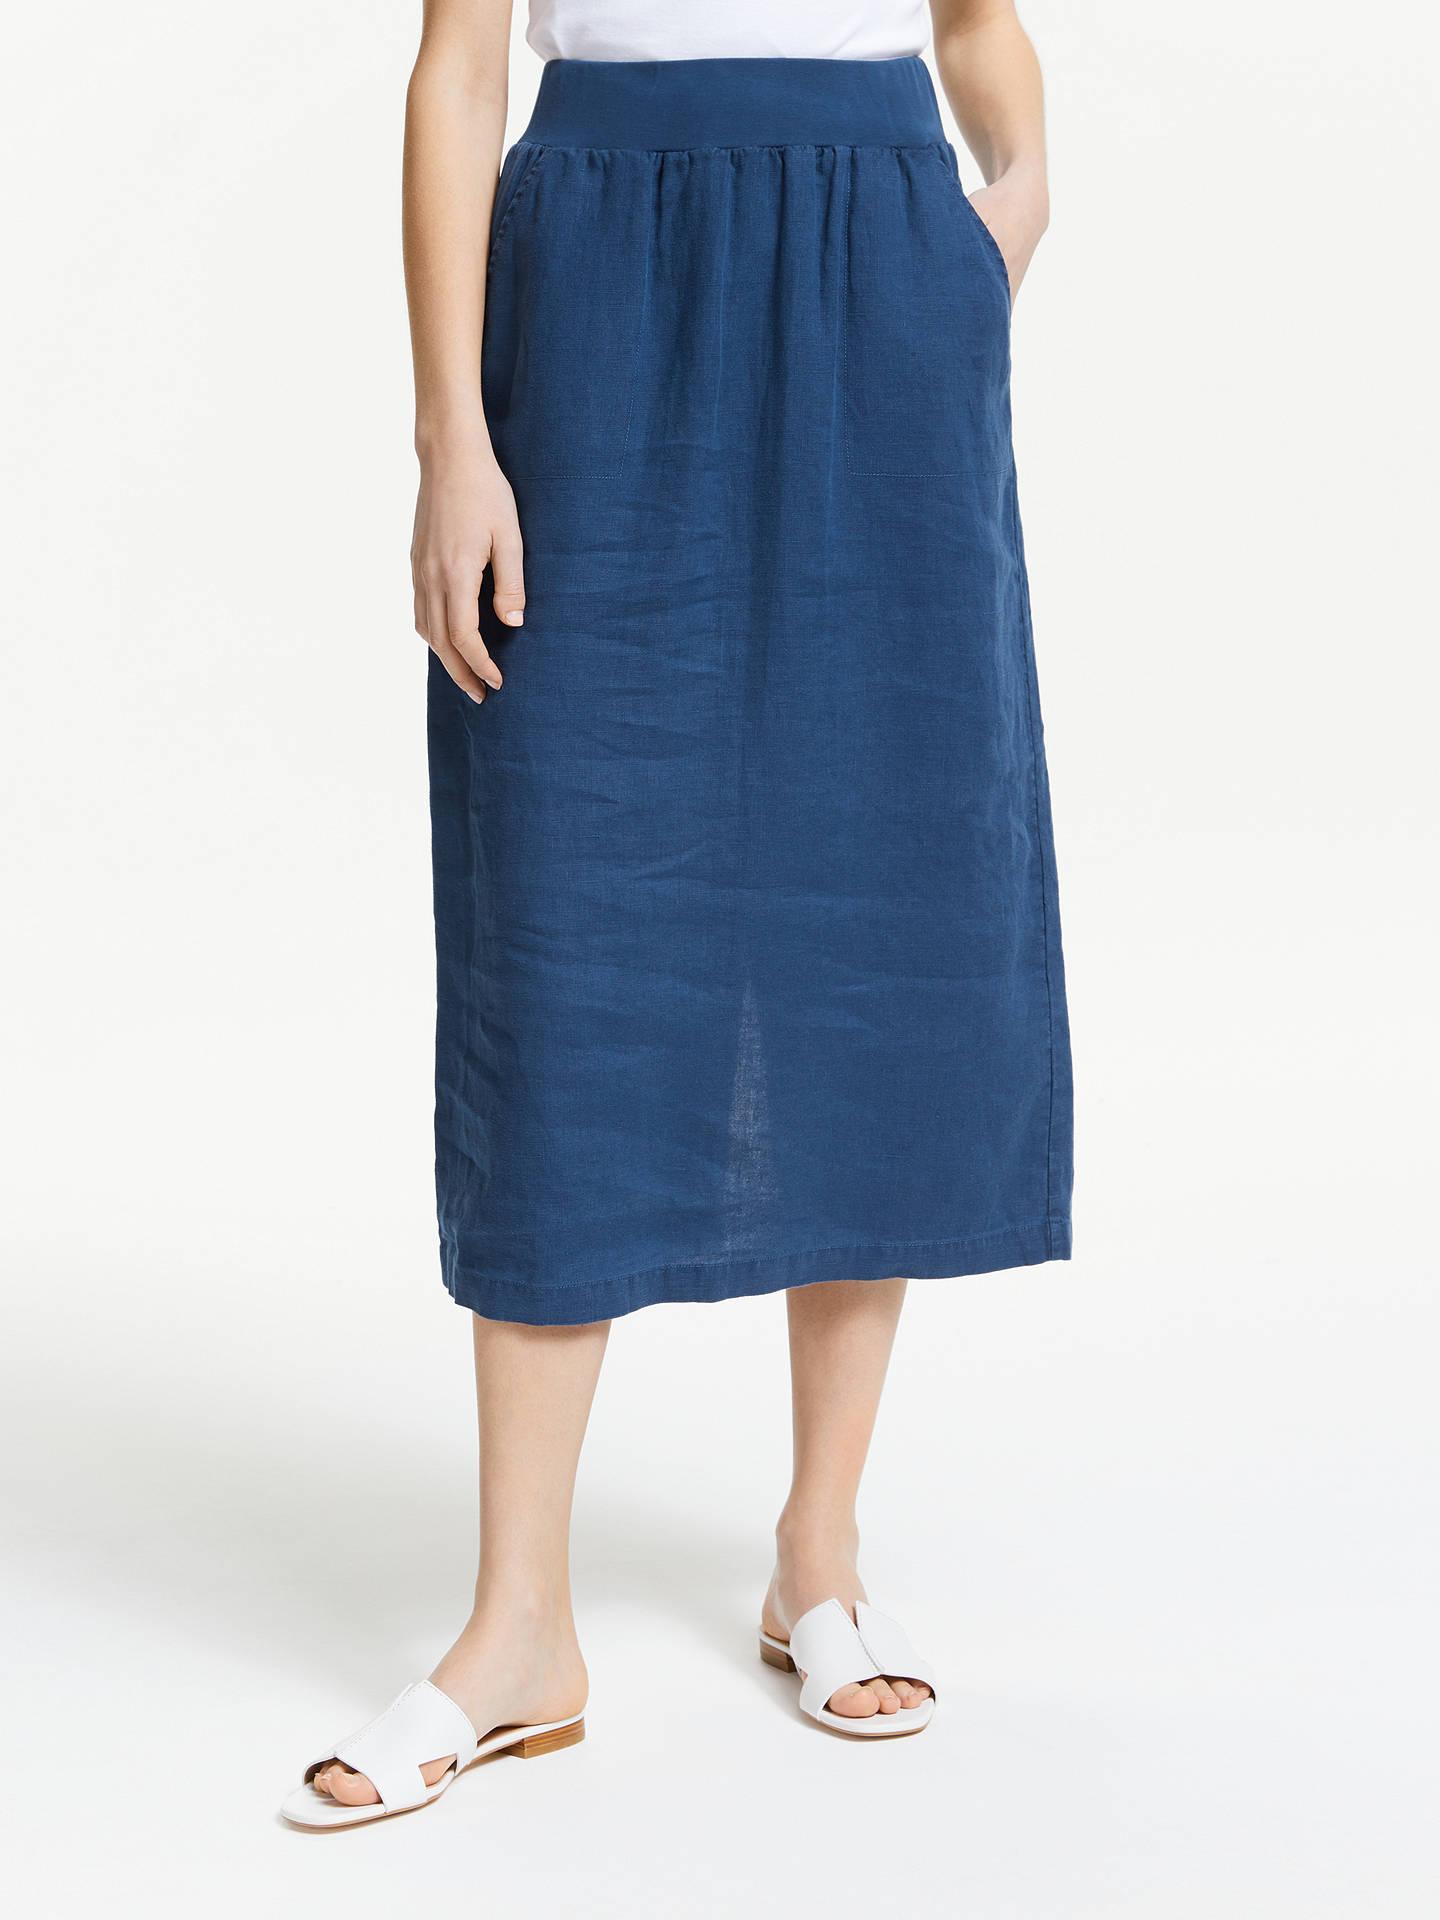 c4c98e36b6 Buy Seasalt Angel Ray Linen Skirt, Night, 8 Online at johnlewis.com ...